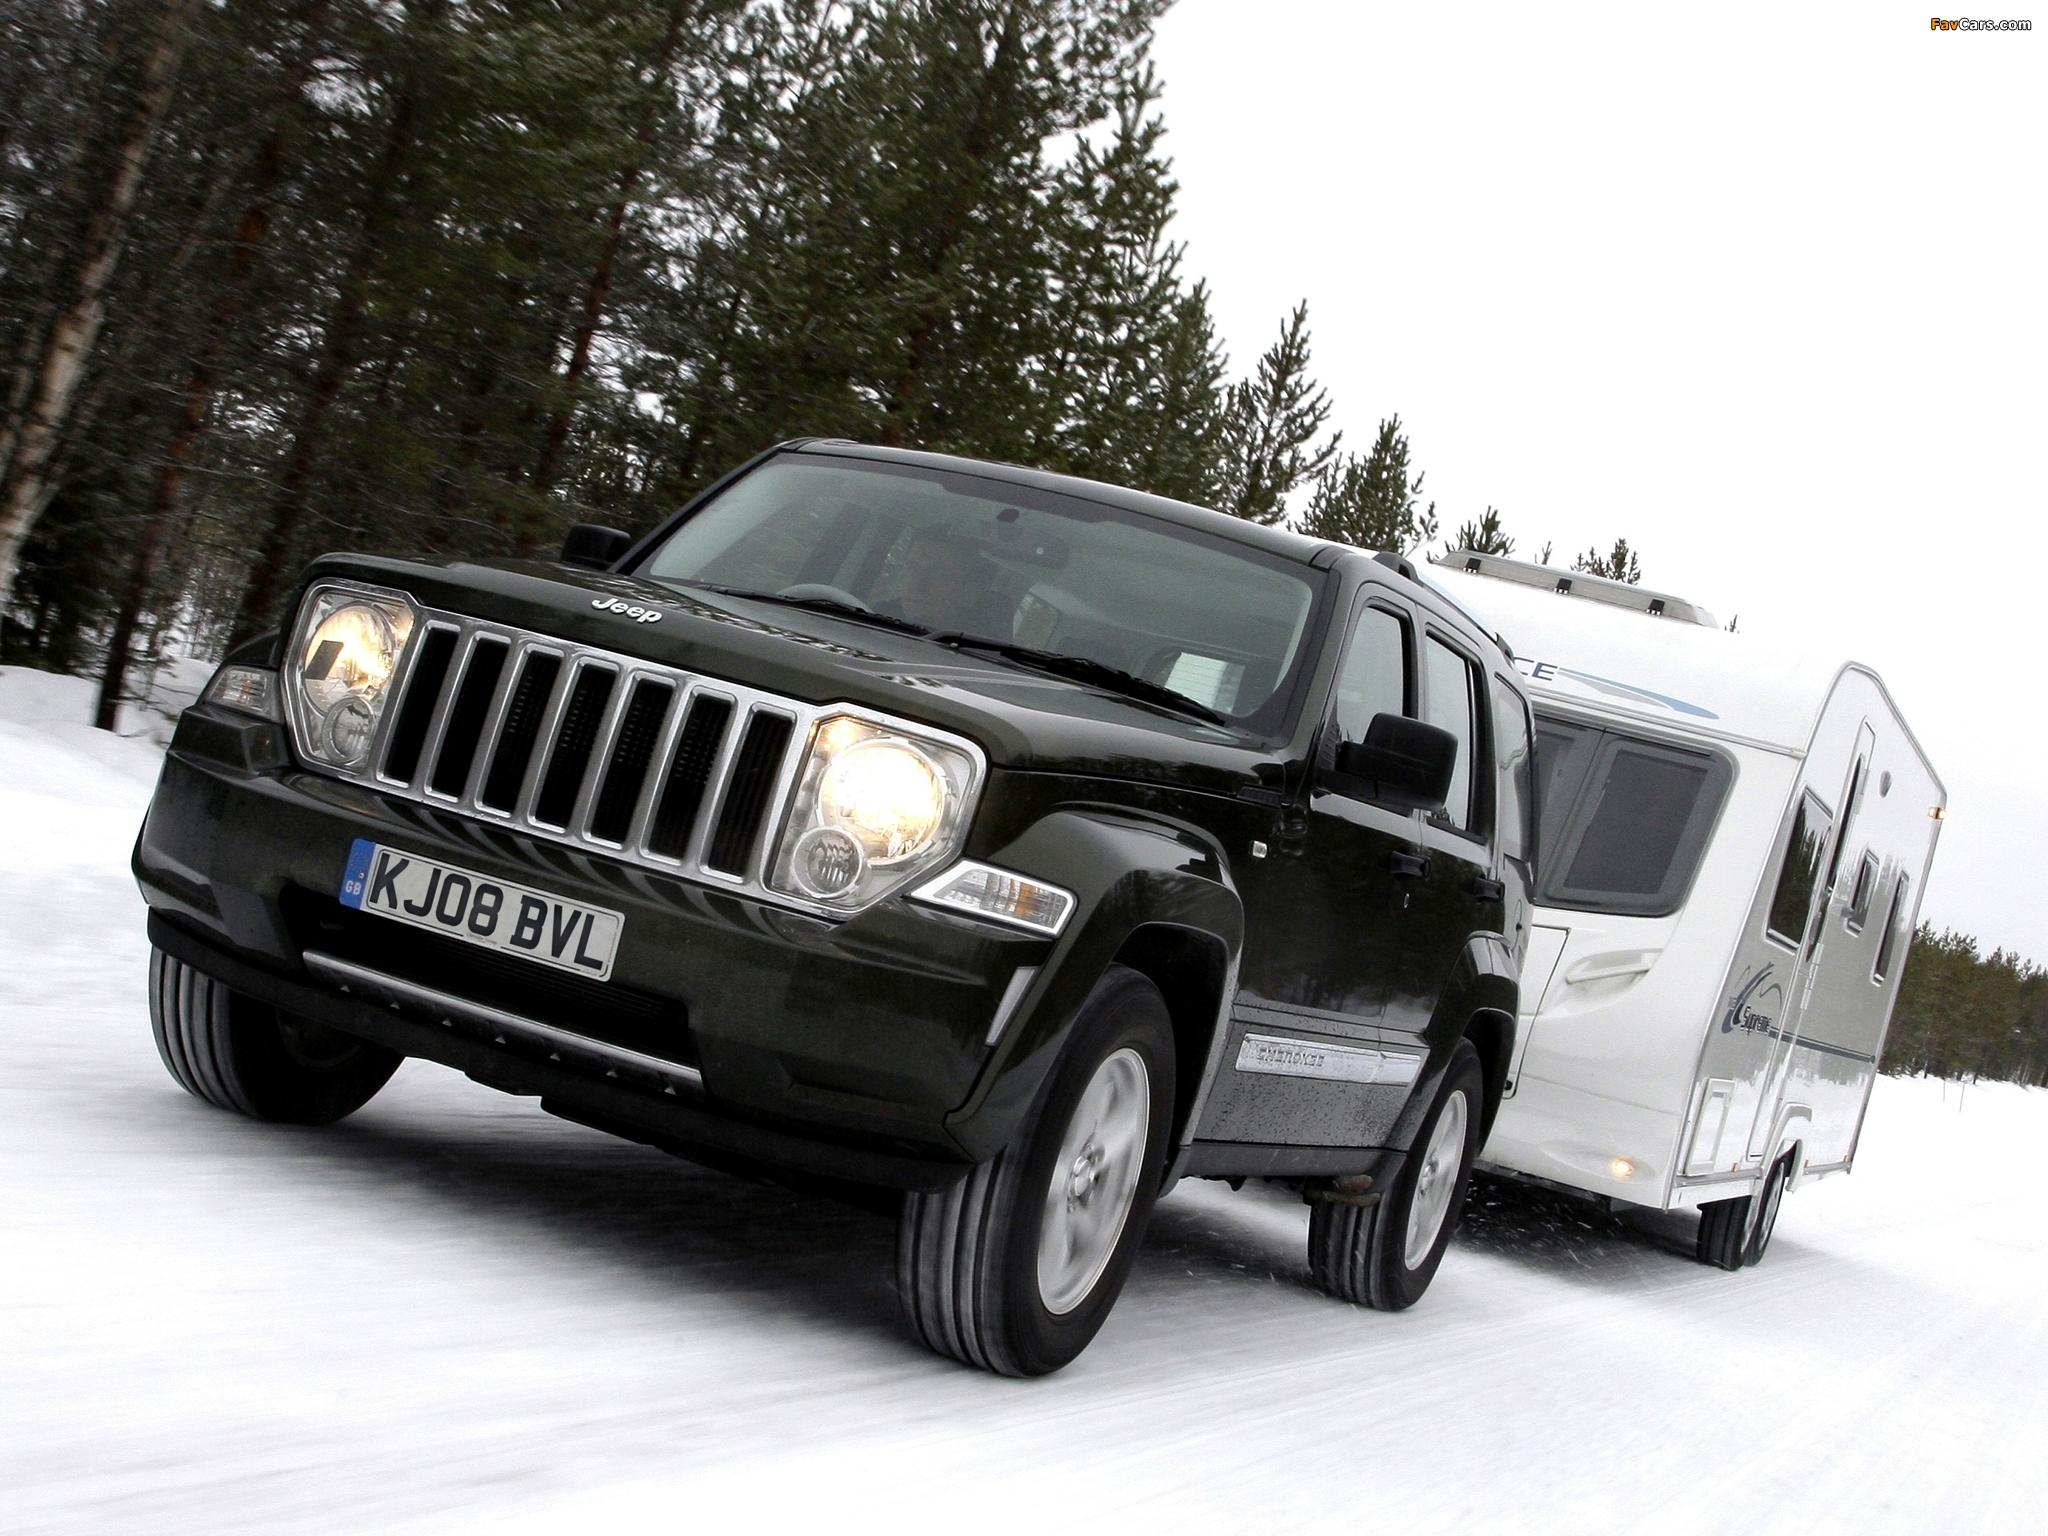 jeep cherokee limited rd uk spec kk 2007 images 2048x1536. Black Bedroom Furniture Sets. Home Design Ideas